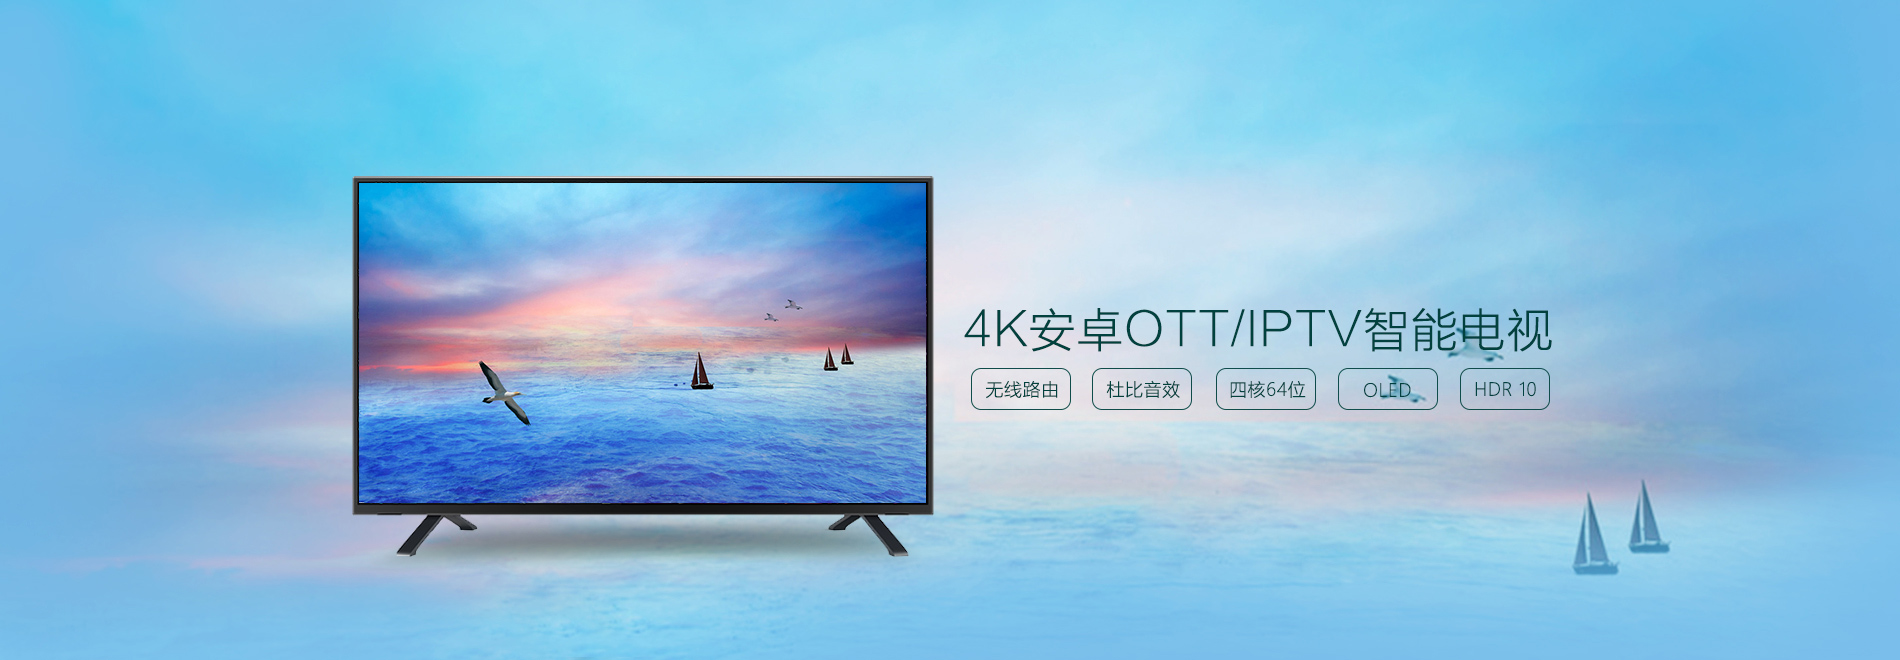 华曦达:构建新媒体系统 关注DVB+OTT